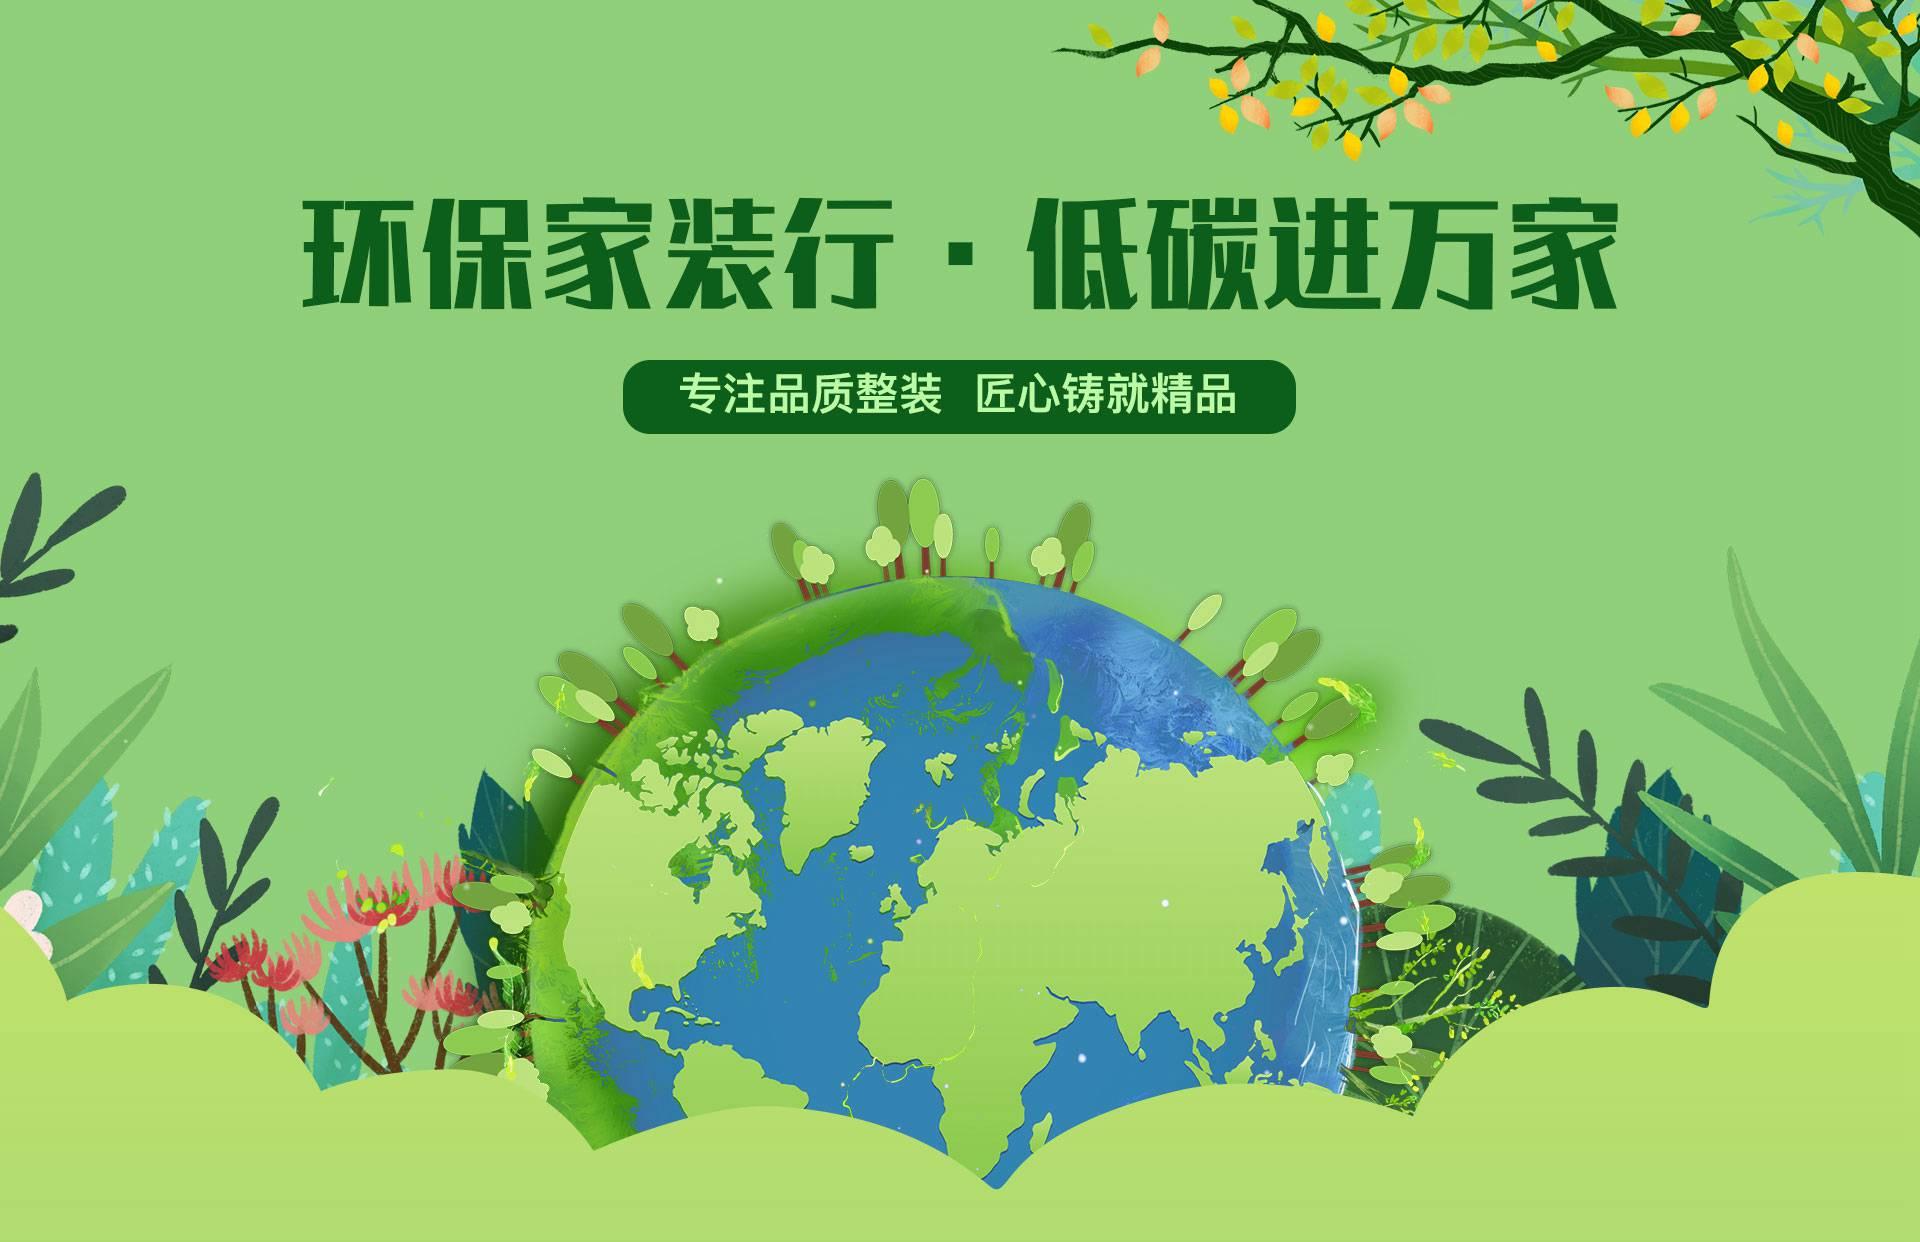 地球日--环保家装行·低碳进万家